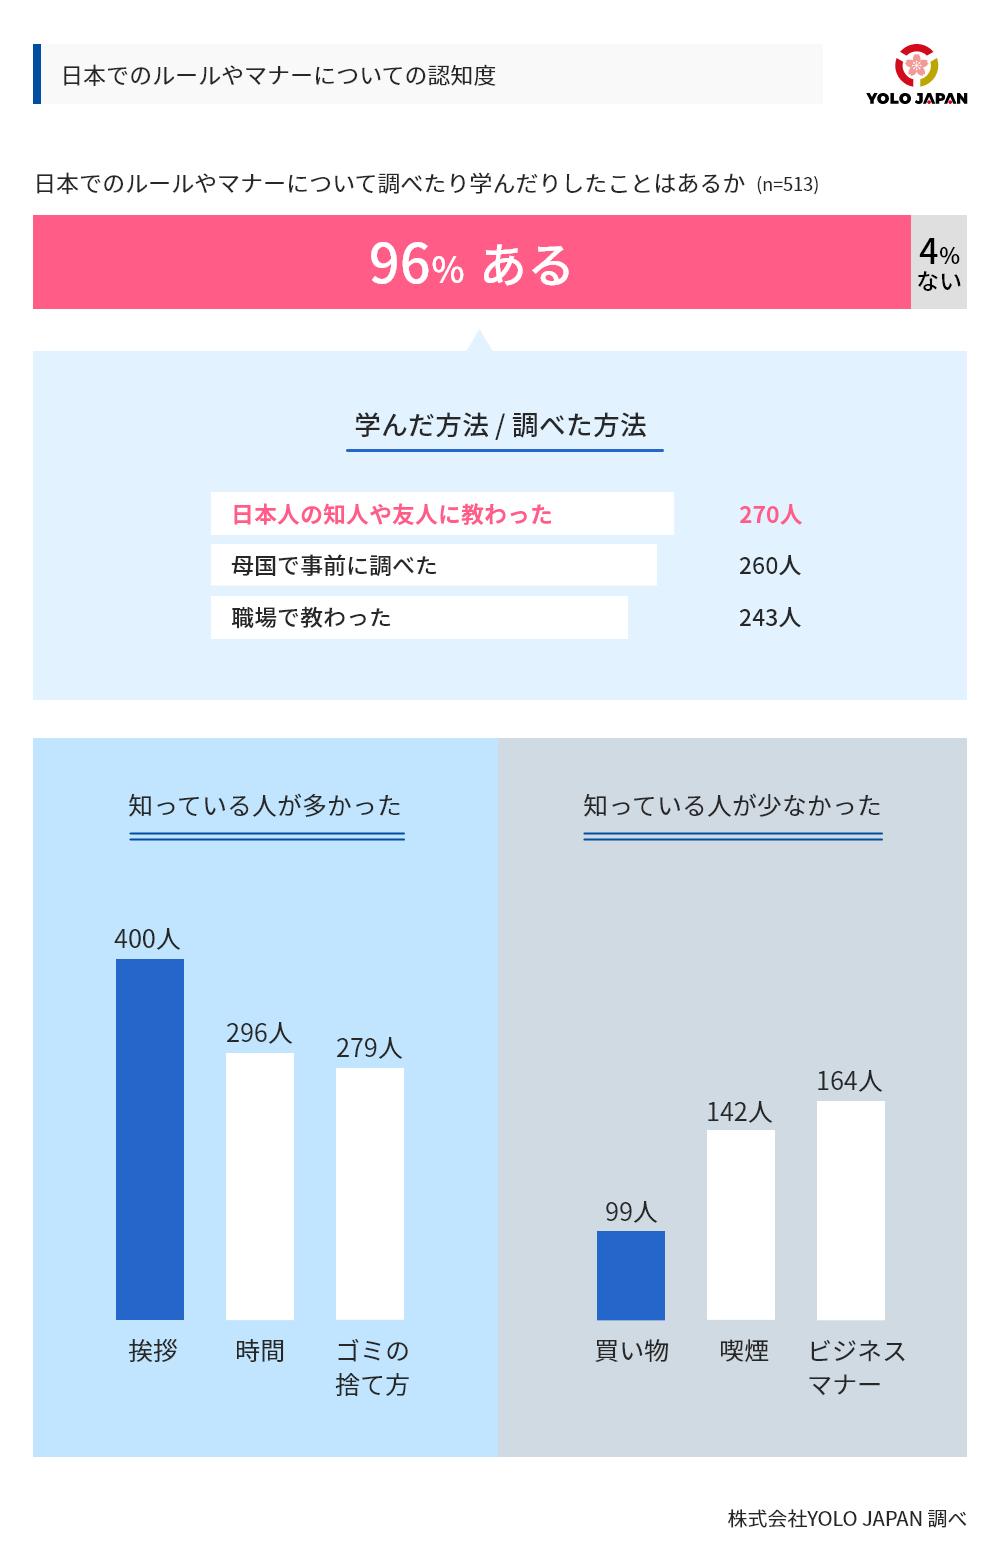 日本でのルールやマナーについての認知度のグラフ。日本でのルールやマナーについて調べたり真名んっだりしたことがあるかという設問に対し、513人中96%があると回答した。また、この回答者に対して日本でのルールやマナーについてどのように学んだ、又は調べたかという質問をしたところ、270人が日本人の知人や友人に教わったと回答し、260人が母国で事前に調べたと回答、243人が職場で教わったと回答した。また、日本でのルールやマナーについて知っている人が多かったのは、挨拶(400人)、時間(296人)、ごみの捨て方(279人)の順であった。反対に、知っている人が少なかった日本のルールやマナーは、少ない順に買い物(99人)、喫煙(142人)、ビジネスマナー(164人)であった。